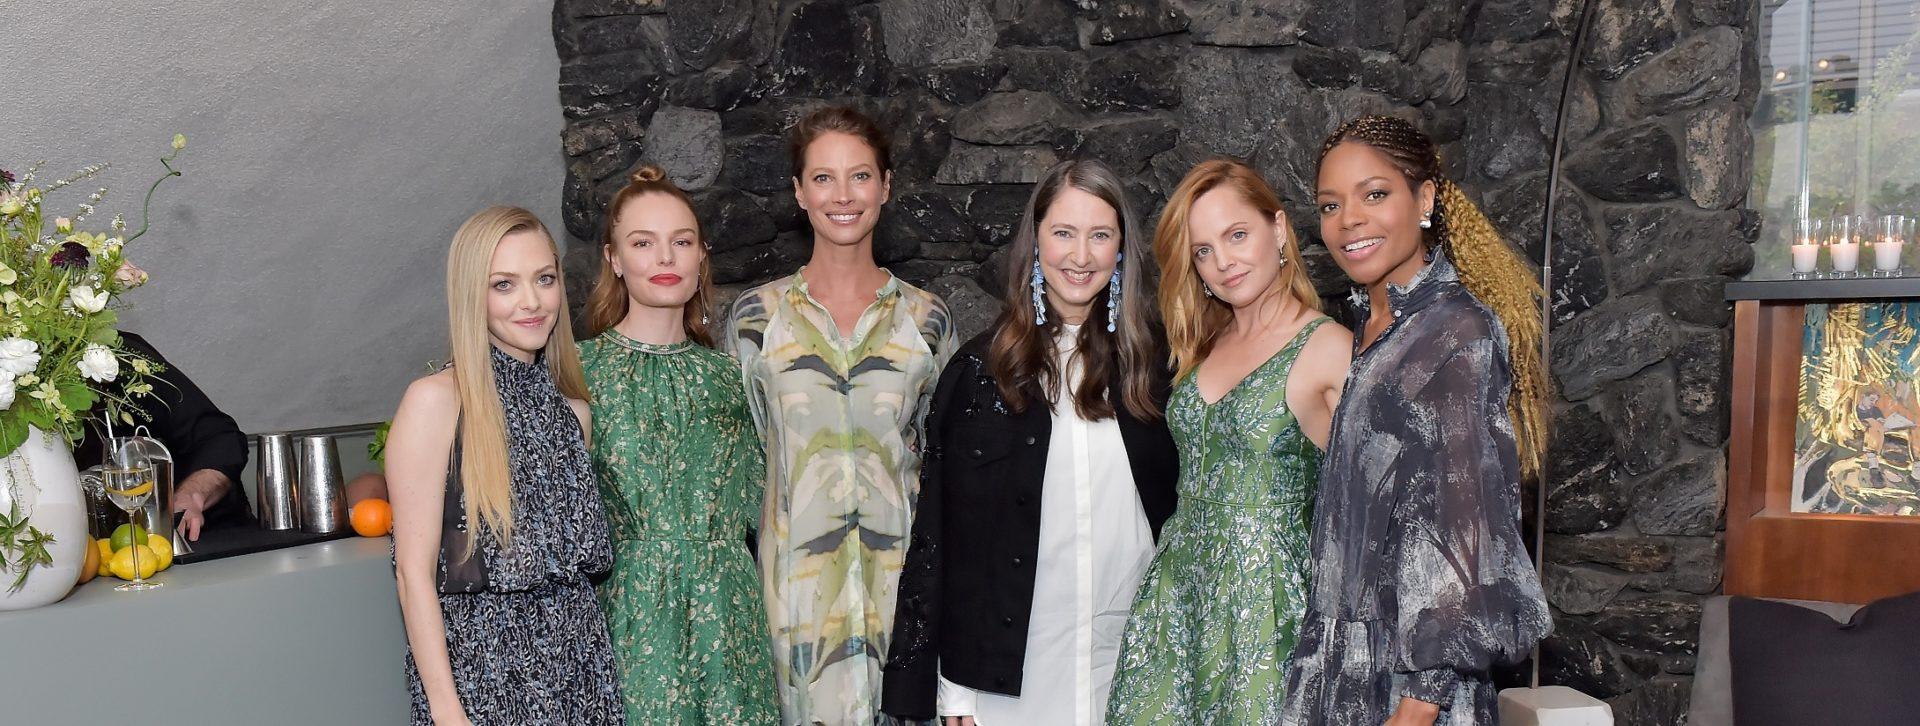 FOTO: Organiziran H&M event koji je najavio Conscious Exclusive kolekciju 2018